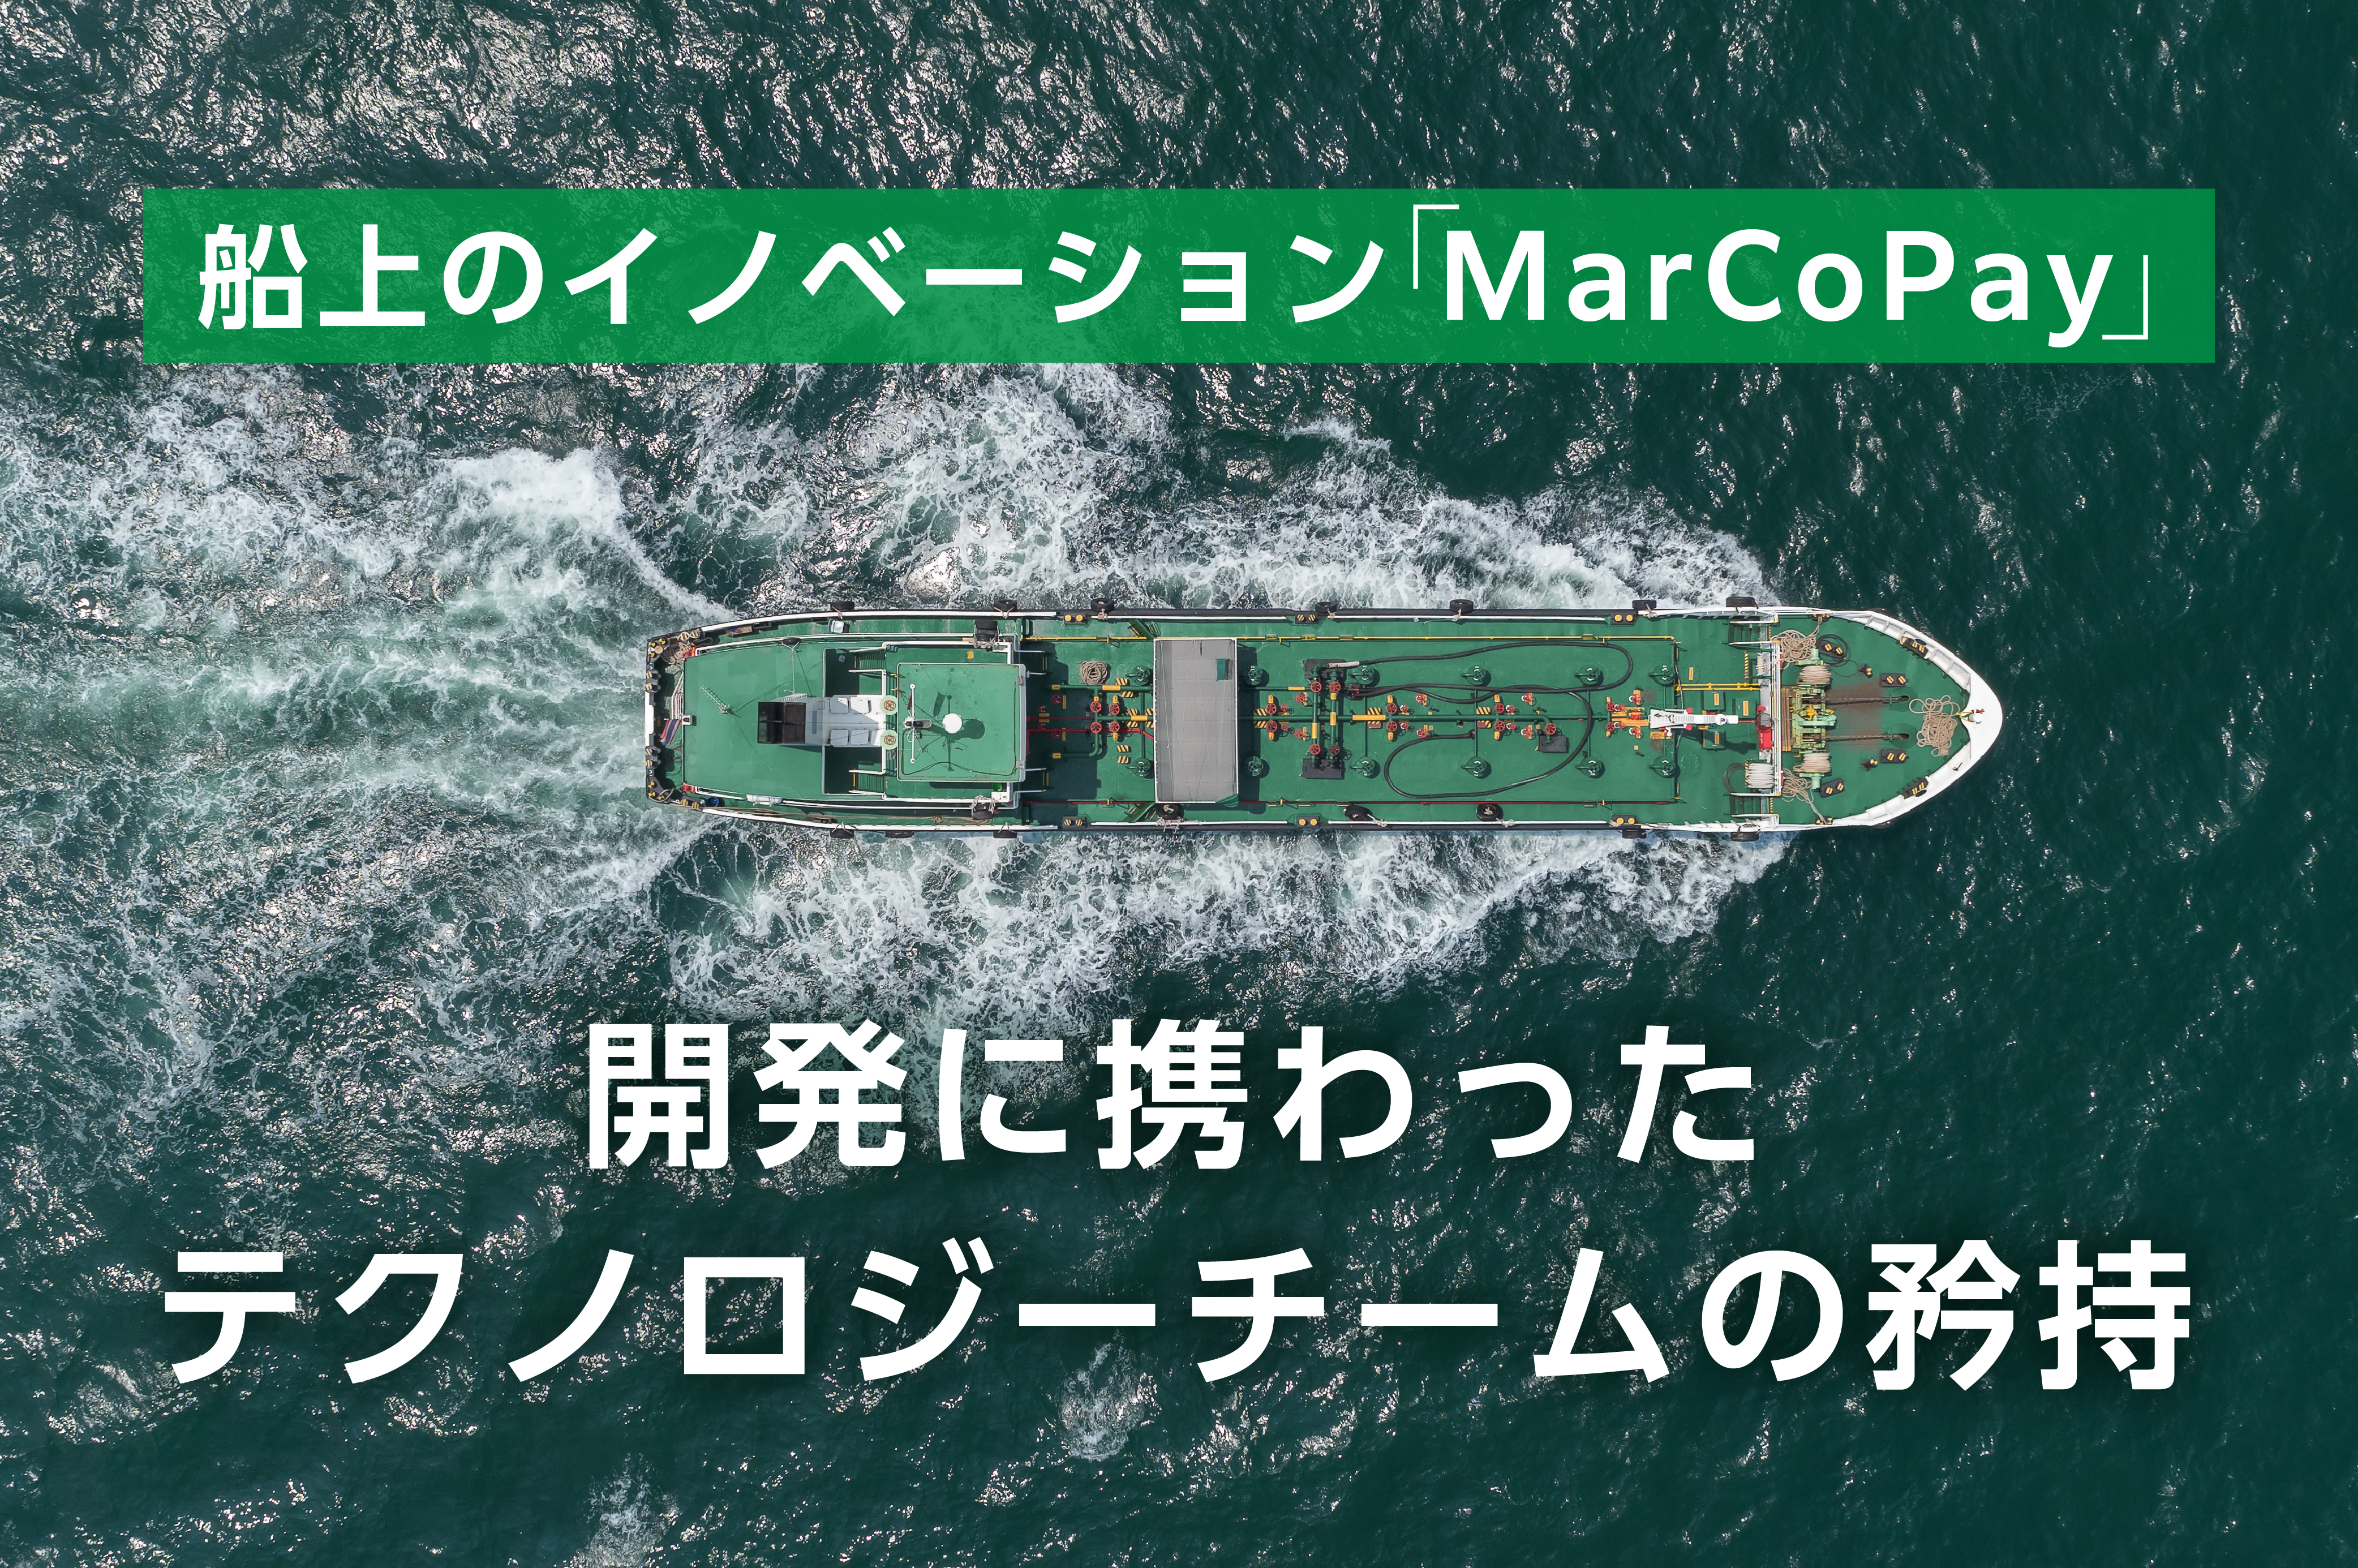 【後編】多彩なスキルを結集し、実現した船上のイノベーション「MarCoPay」。 未知への挑戦を支えたテクノロジーチームの矜持とは